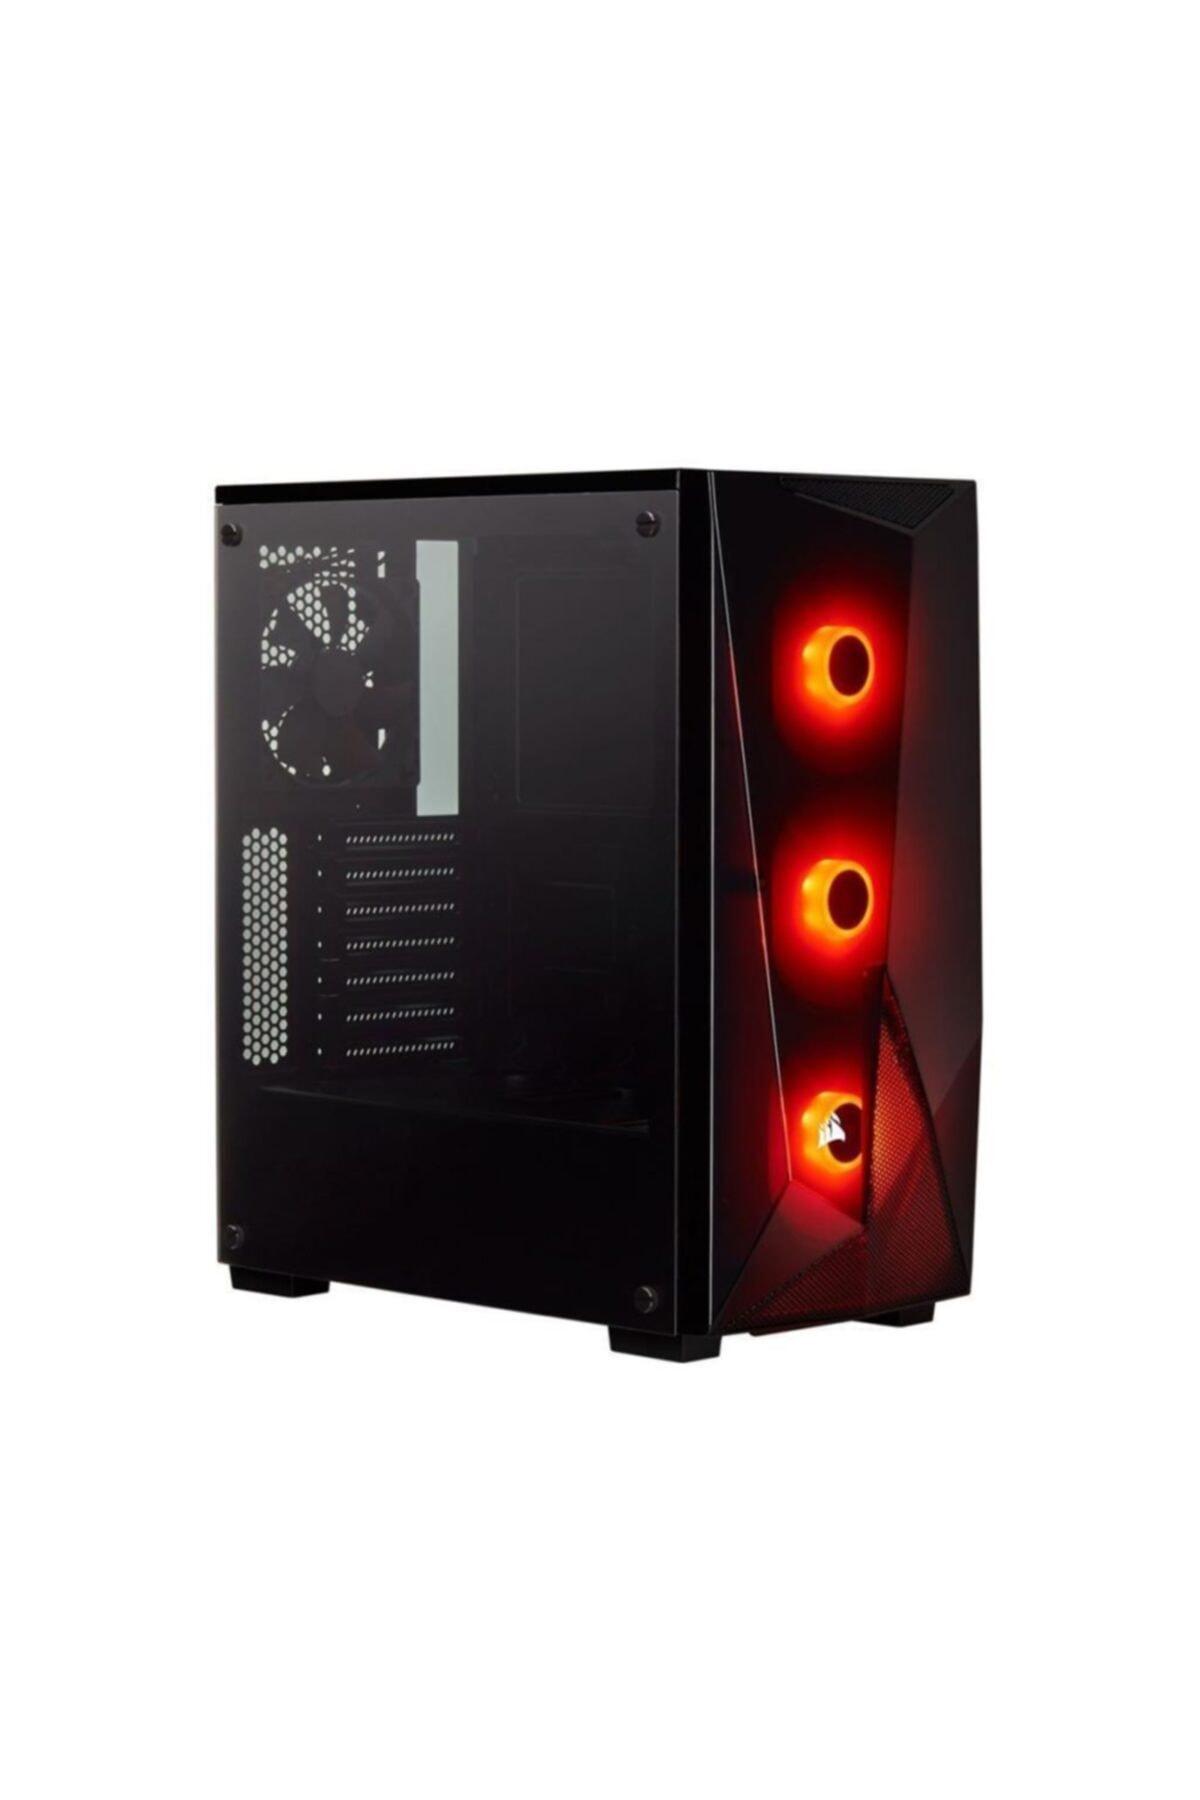 Carbide Serisispec-delta Rgb 650w Cc-9020124-eu 80+ Tempered Glass Usb 3.0 Mid Tower Kasa